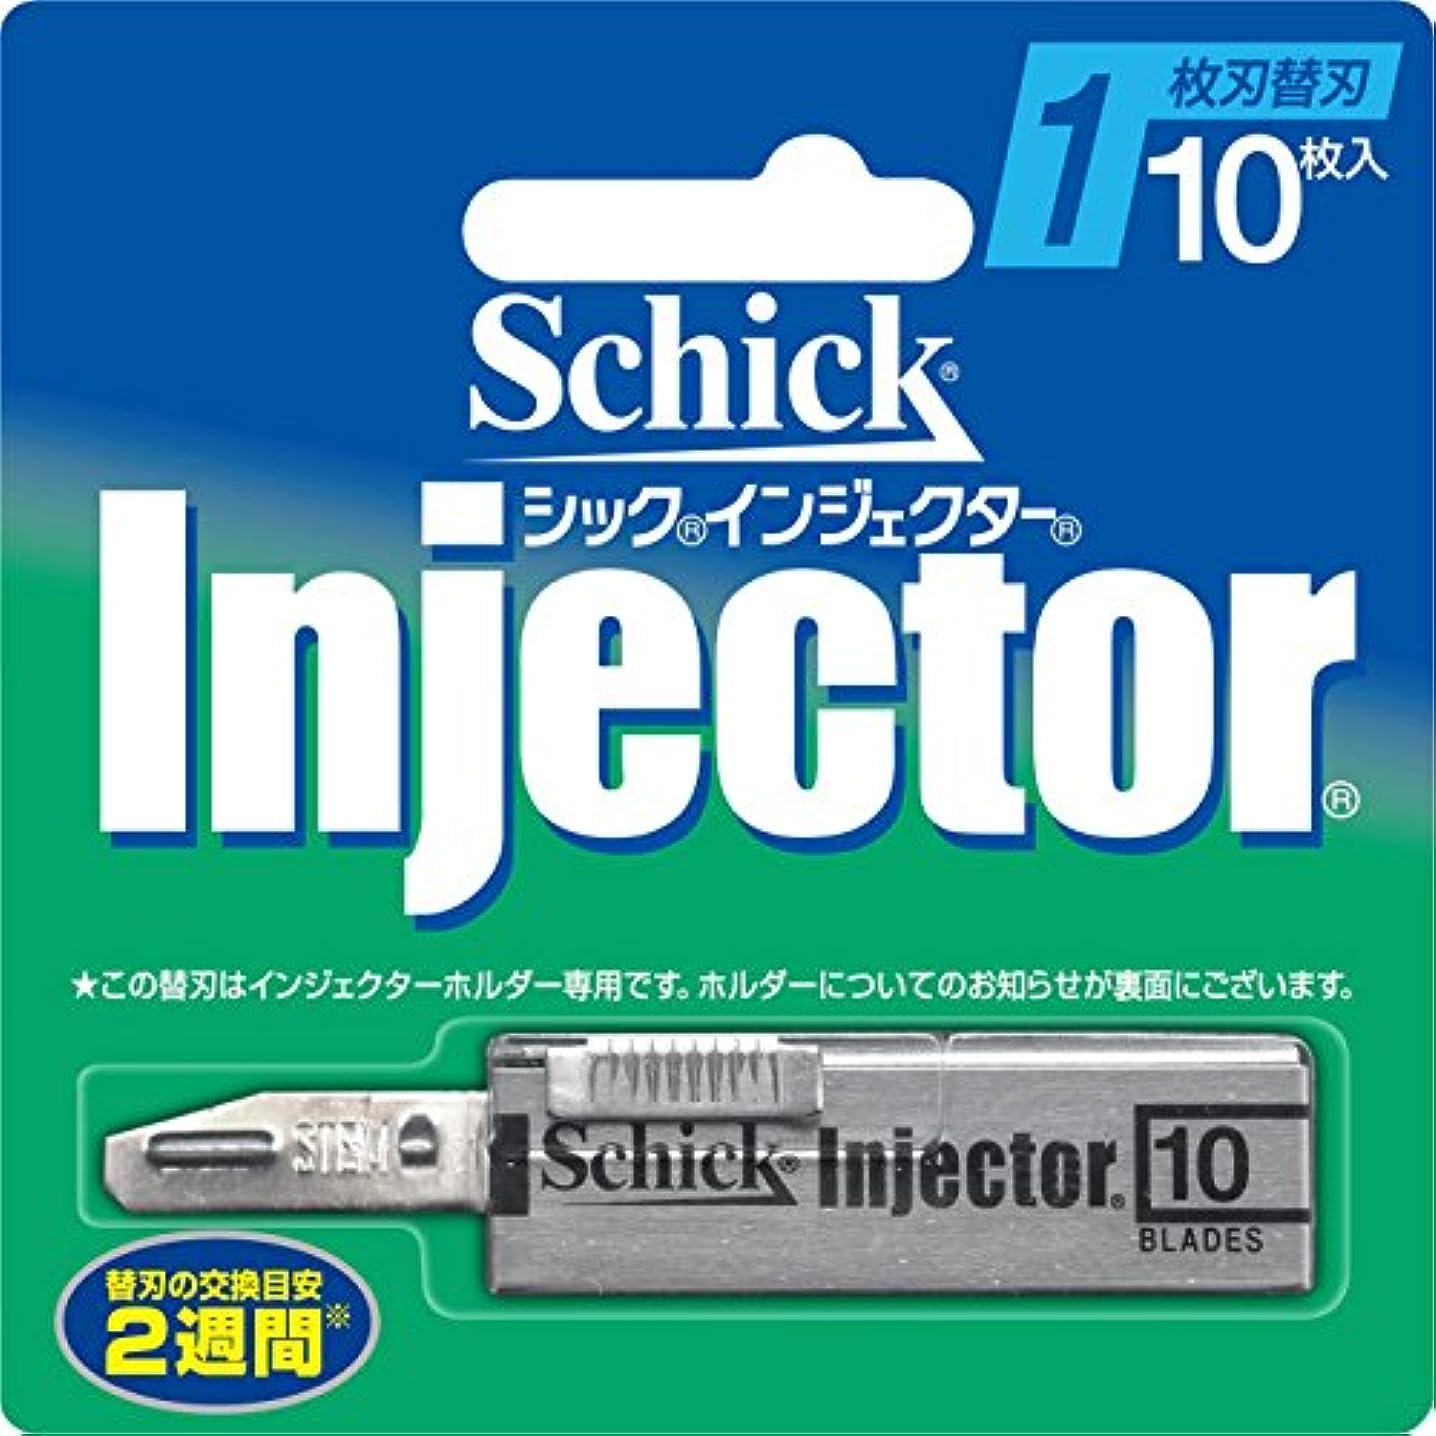 名門スリップイサカシック Schick インジェクター 1枚刃 替刃 (10枚入)